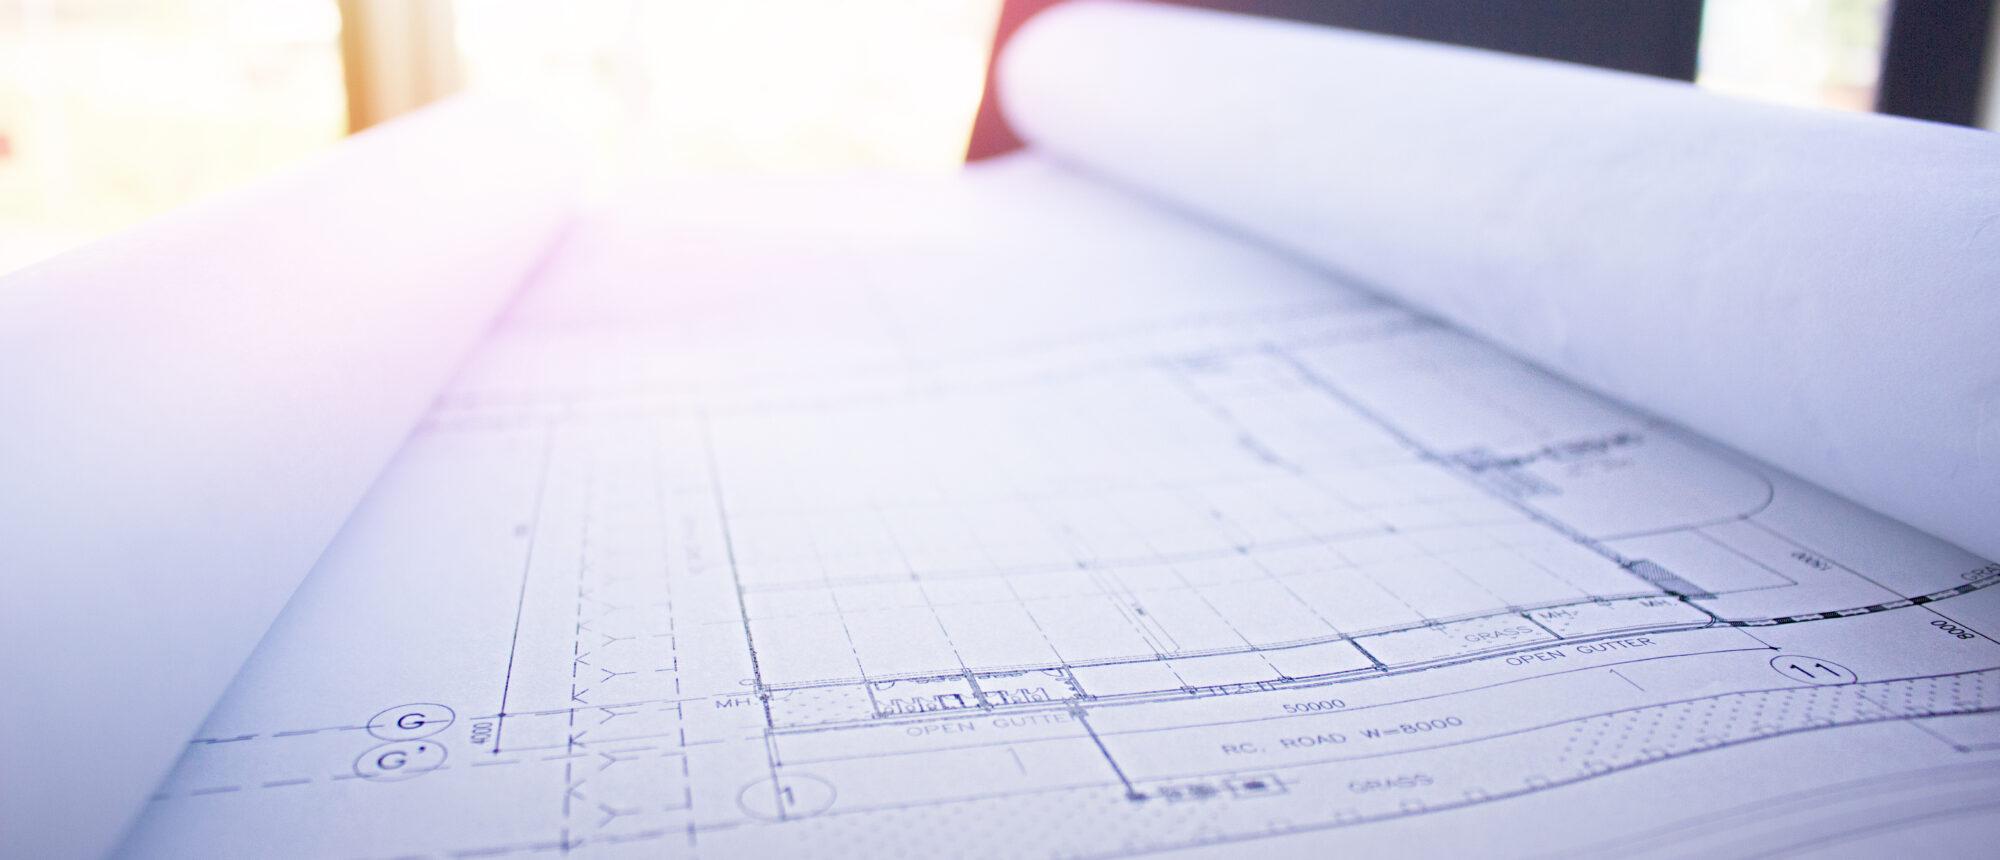 vastgoedexpertise Van 't Hof voor waardeoptimalisatie van uw vastgoed